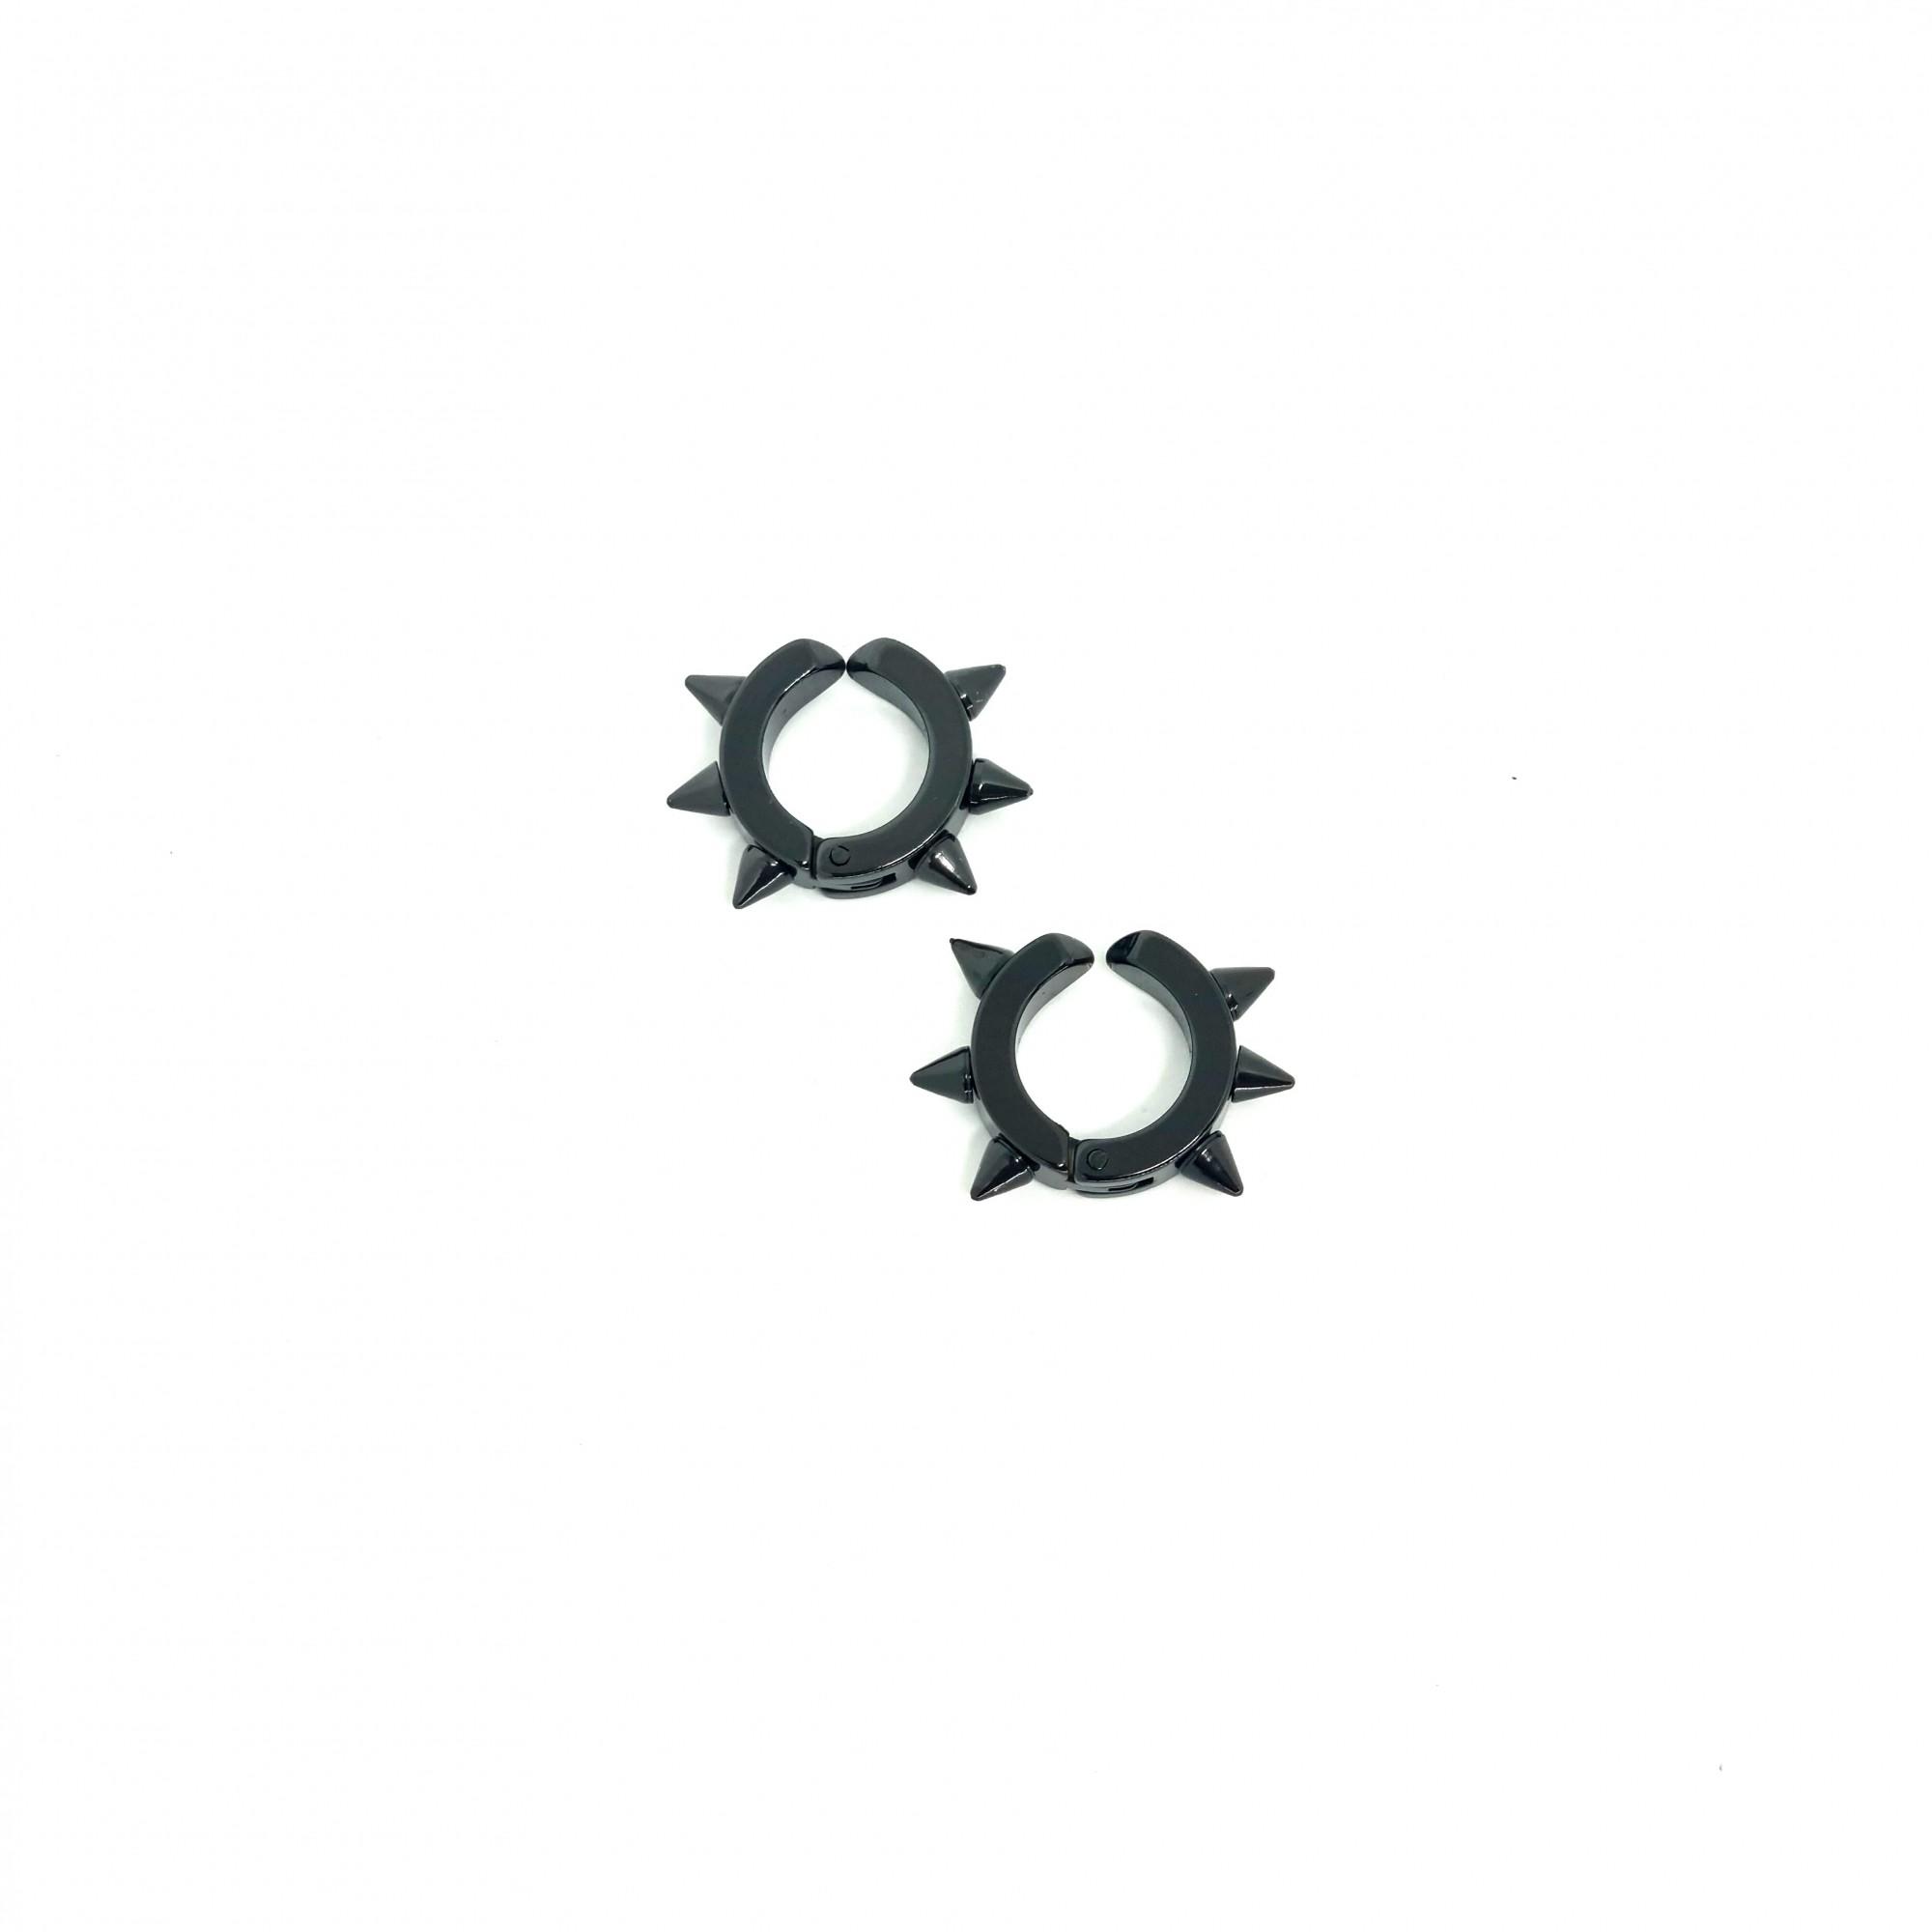 Brinco Masculino de Pressão Aço Inox Ring Spike Preto